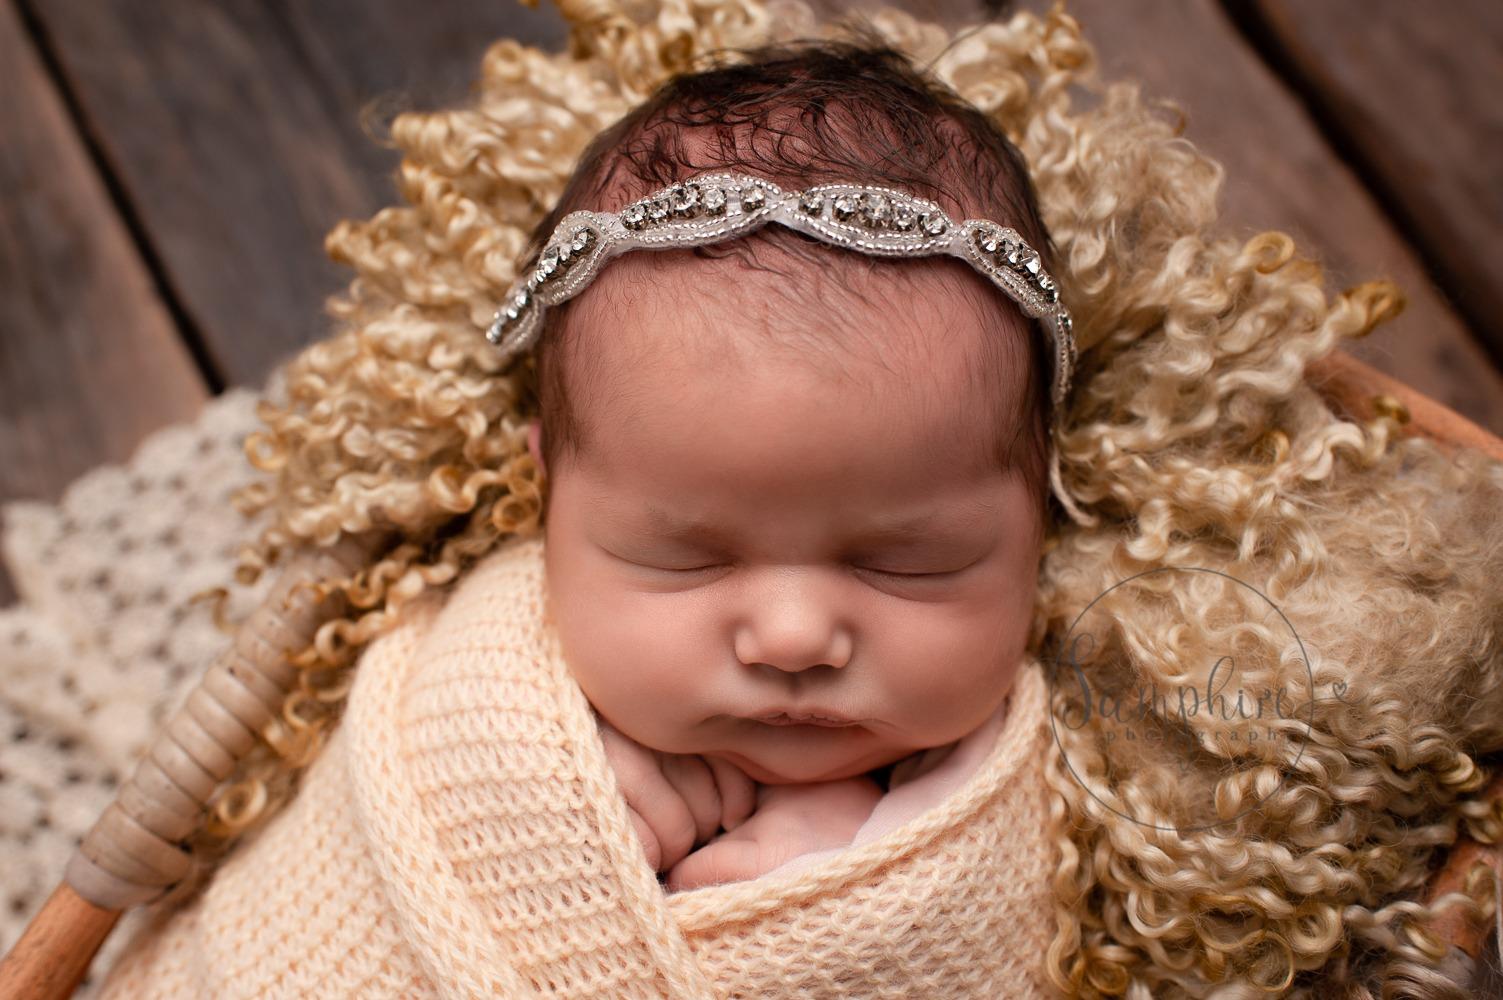 newborn baby shoot studio portrait yellow headband